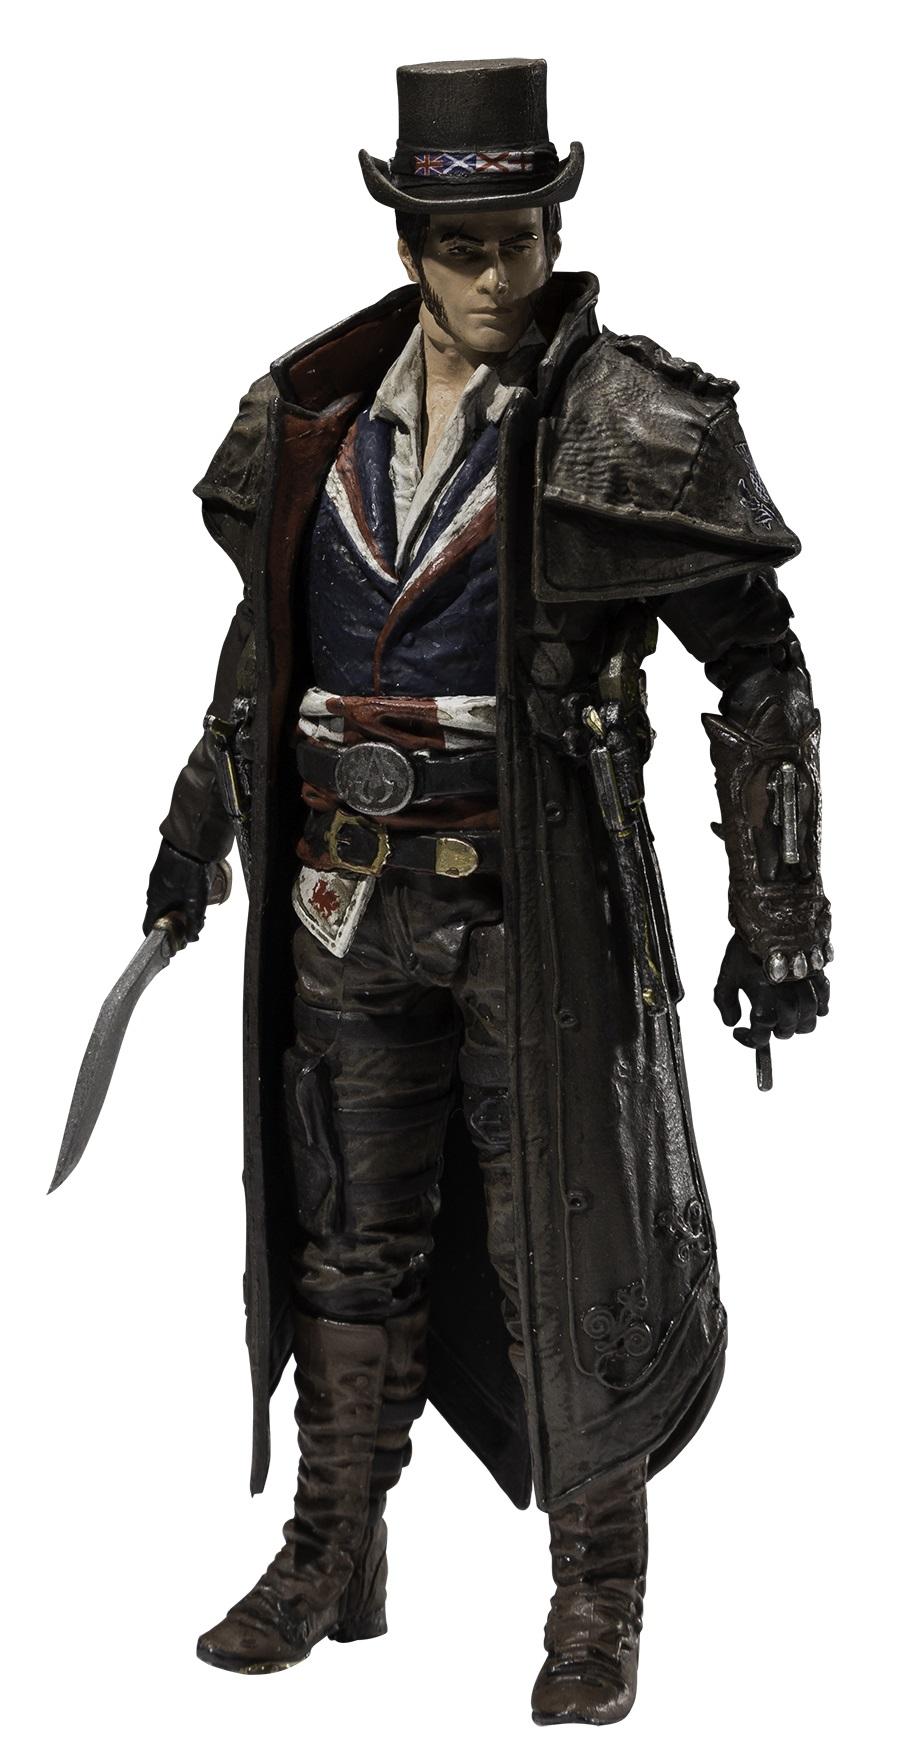 Фигурка Assassins Creed. Series 5. Union Jacob Frye (15 см)Представляем вашему вниманию фигурку Assassins Creed. Series 5. Union Jacob Frye, воплощающую собой одного из персонажей популярной серии игр Assassins Creed.<br>